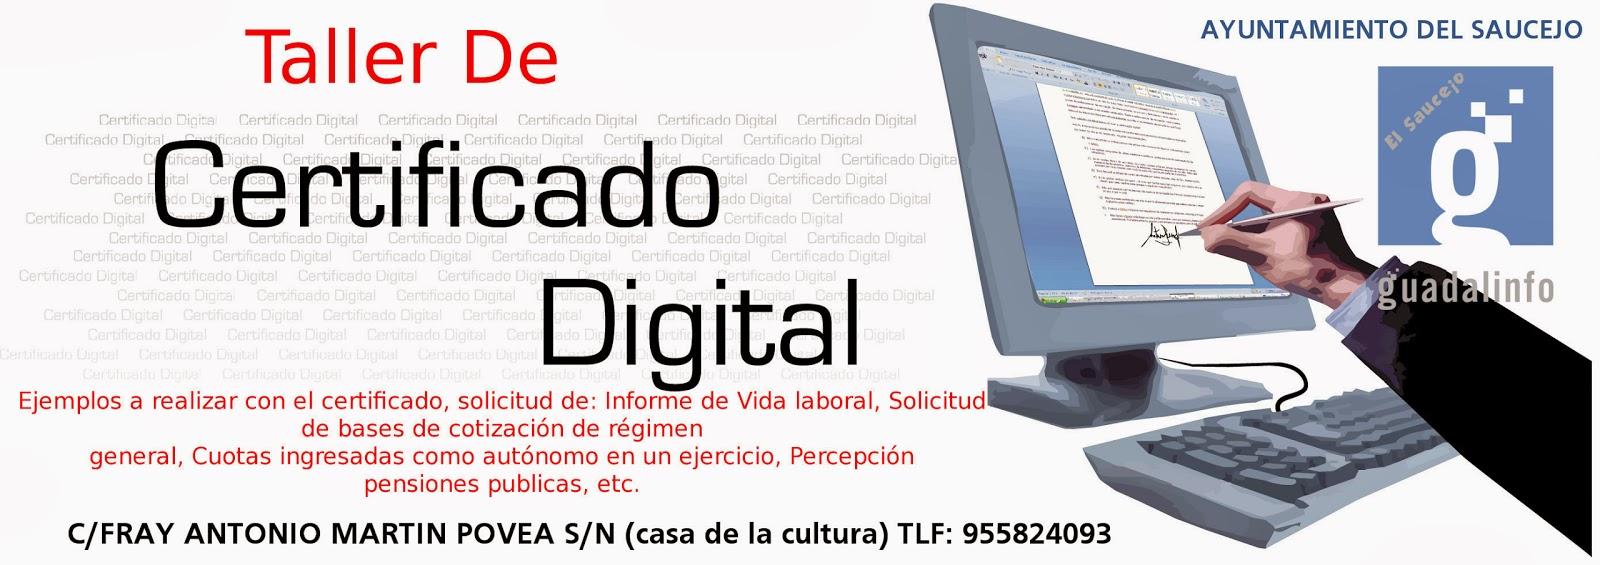 Informaci n el saucejo septiembre 2013 for Sellar paro por internet andalucia certificado digital